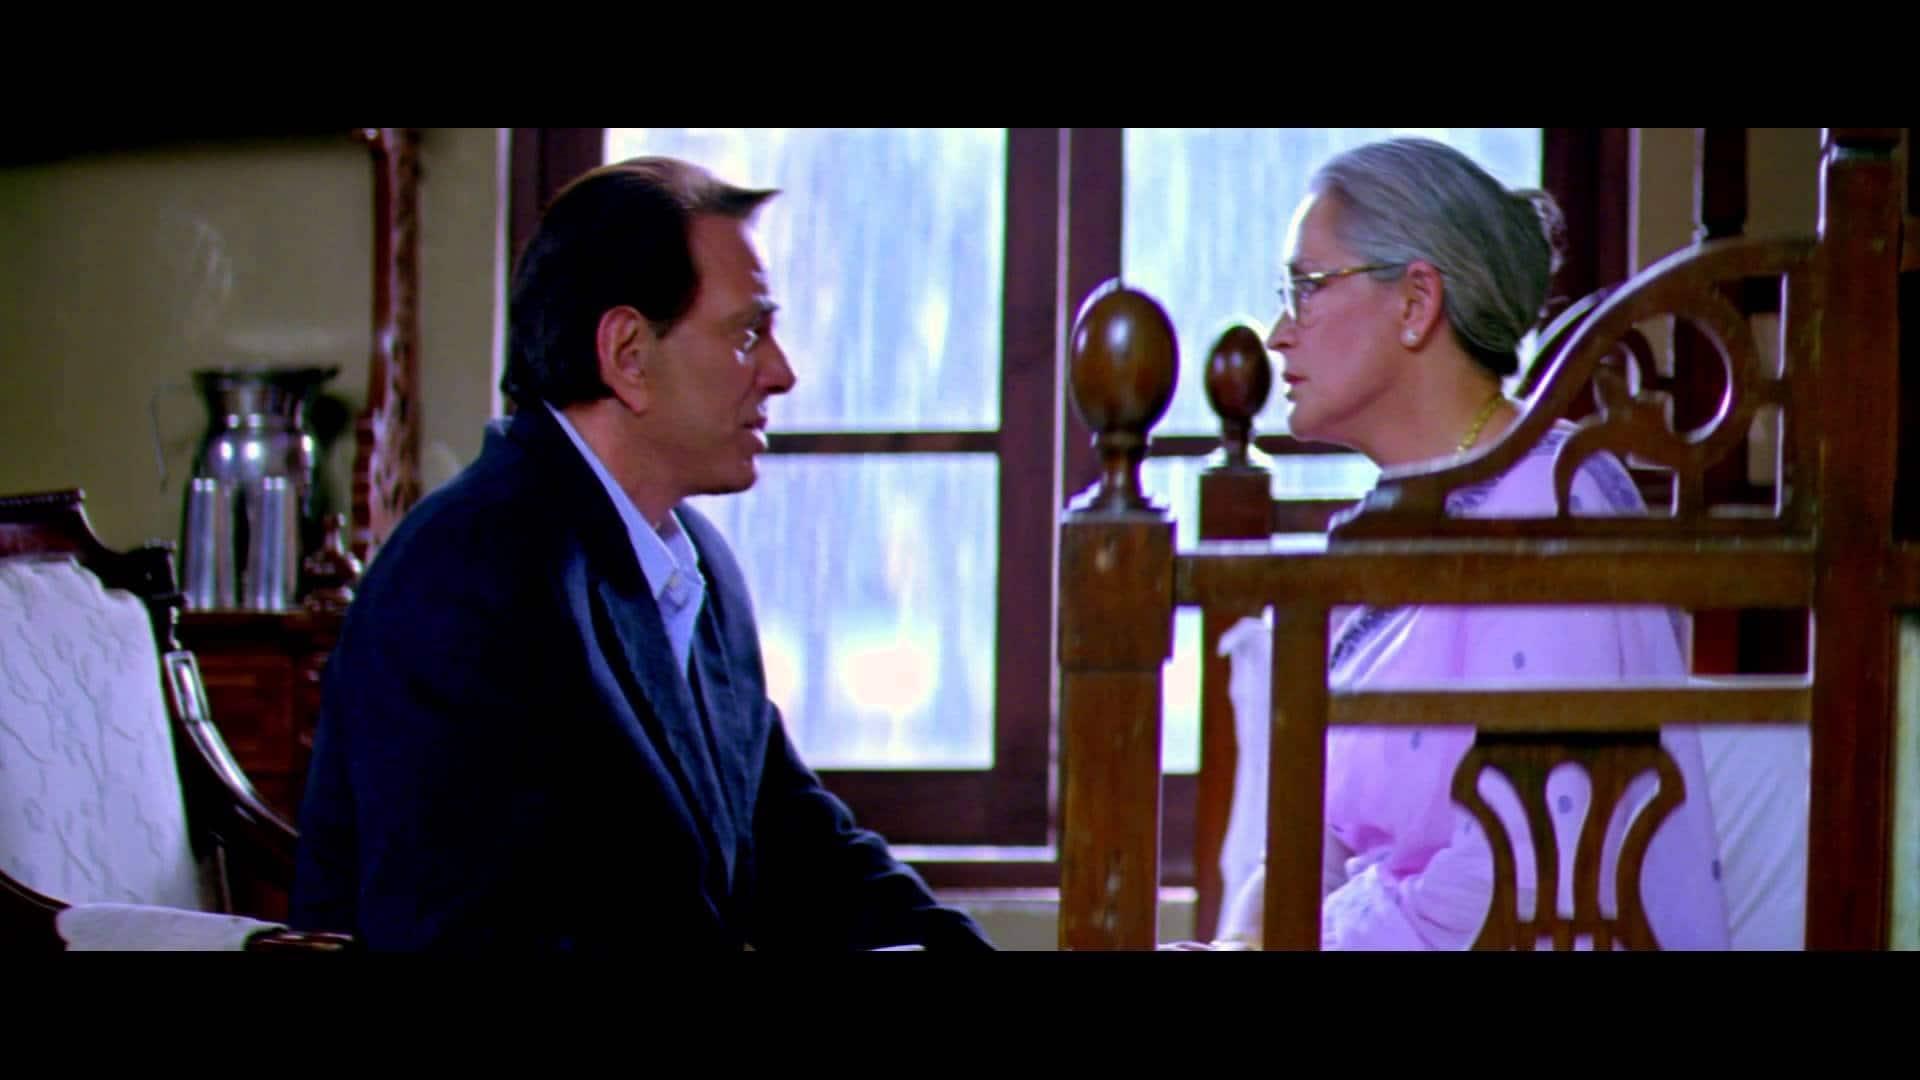 बॉलीवुड की इन फिल्मों ने हमें सिखाया कि प्यार करने की कोई उम्र नहीं होती !